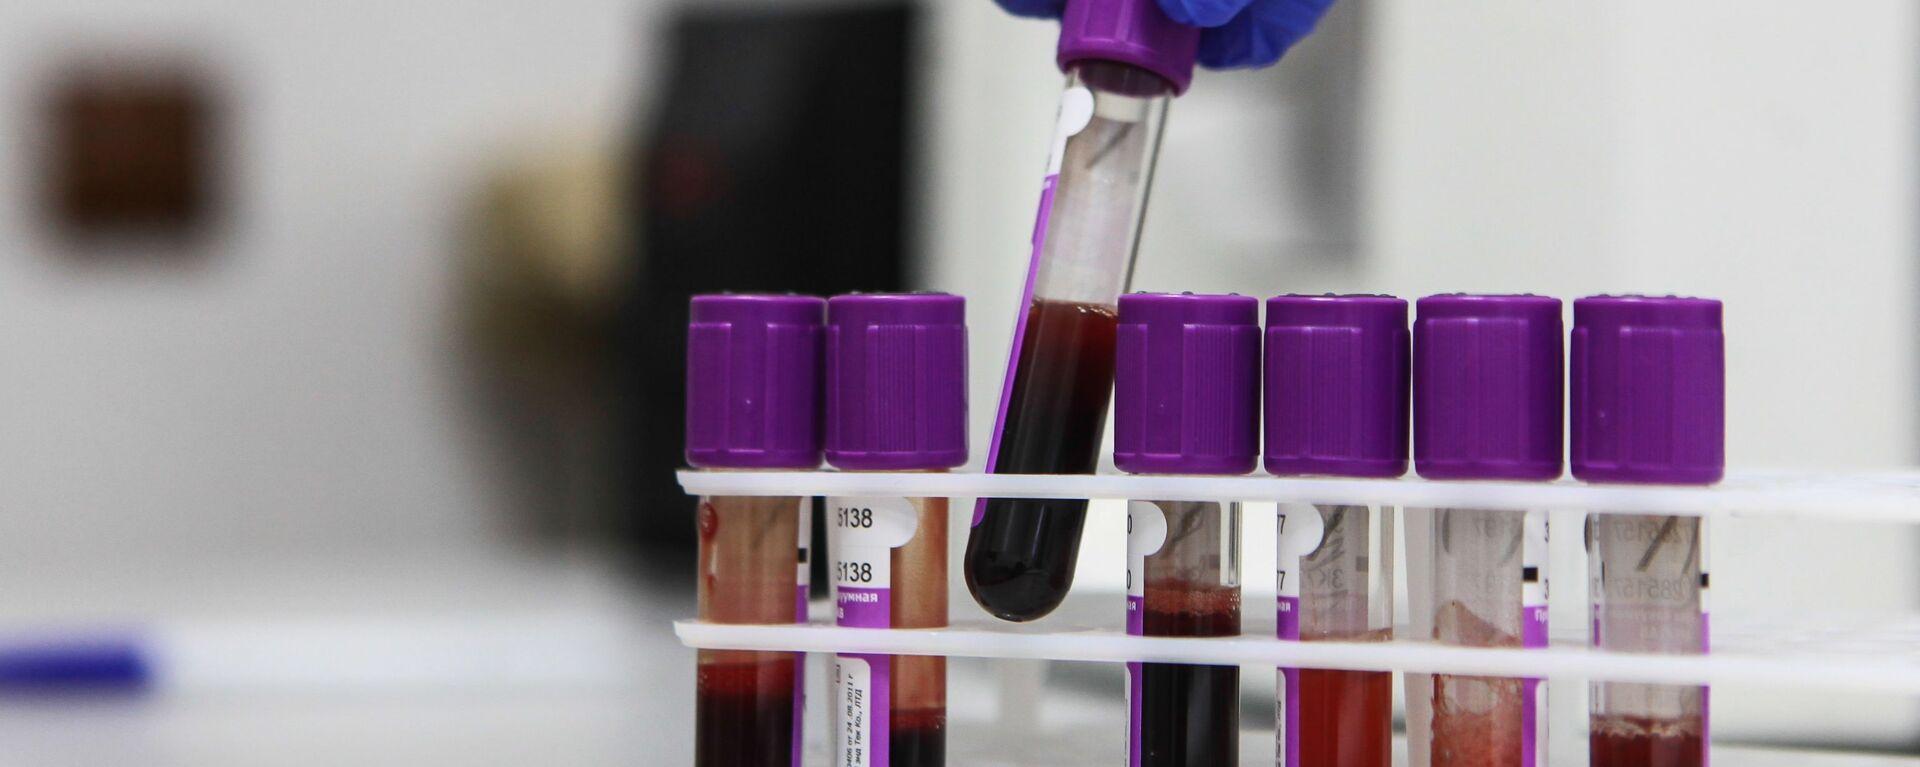 Zkumavky se vzorky krve pro výzkum - Sputnik Česká republika, 1920, 10.06.2021